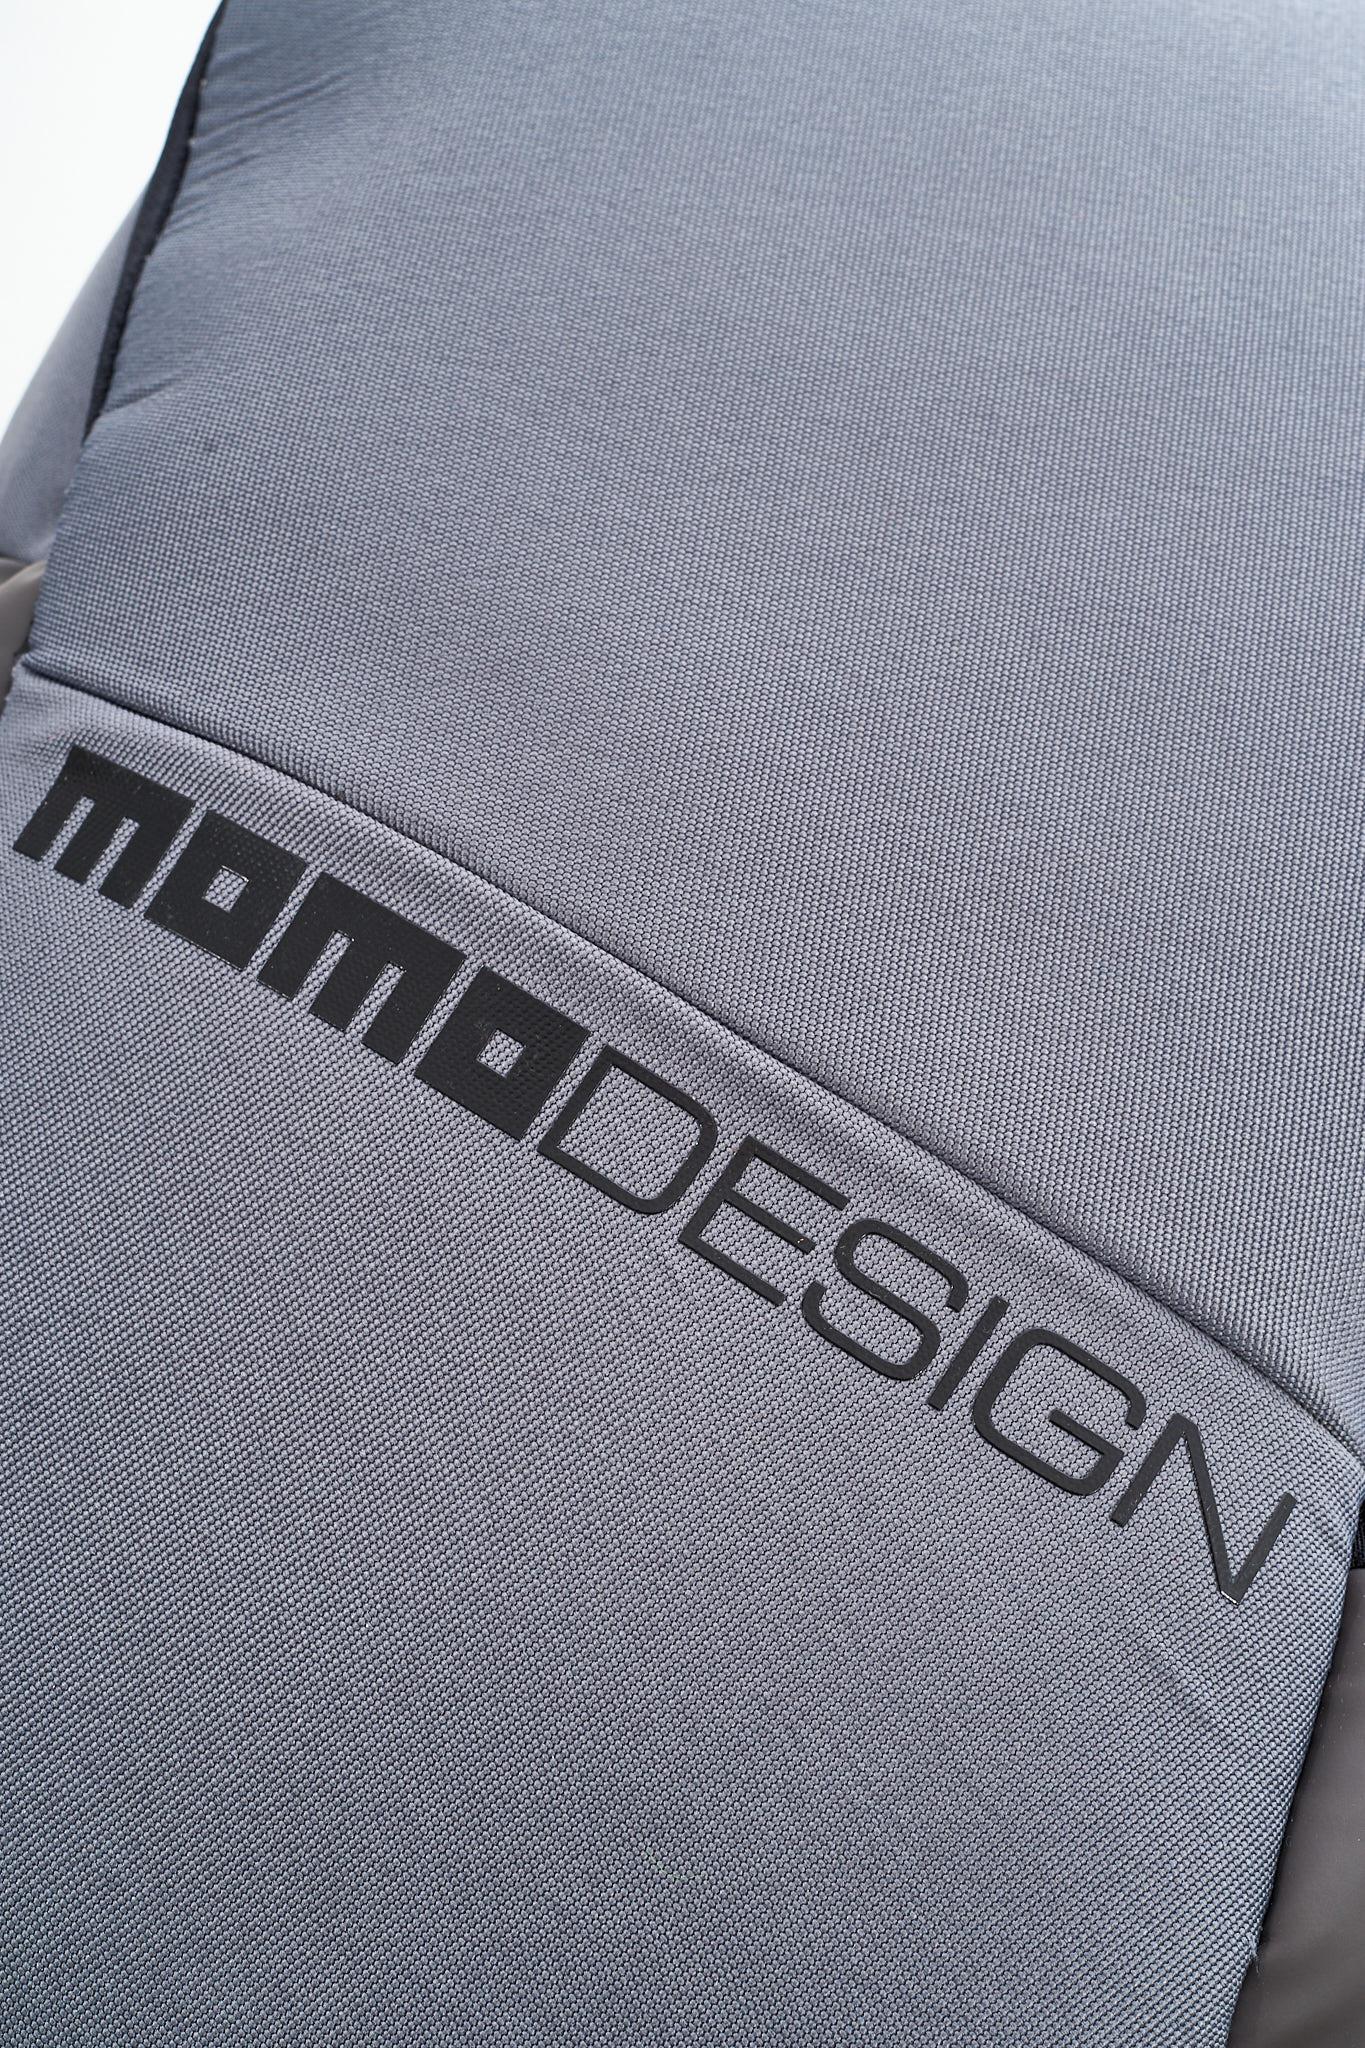 Zaino MOMODESIGN | Zaino | MD004-01B